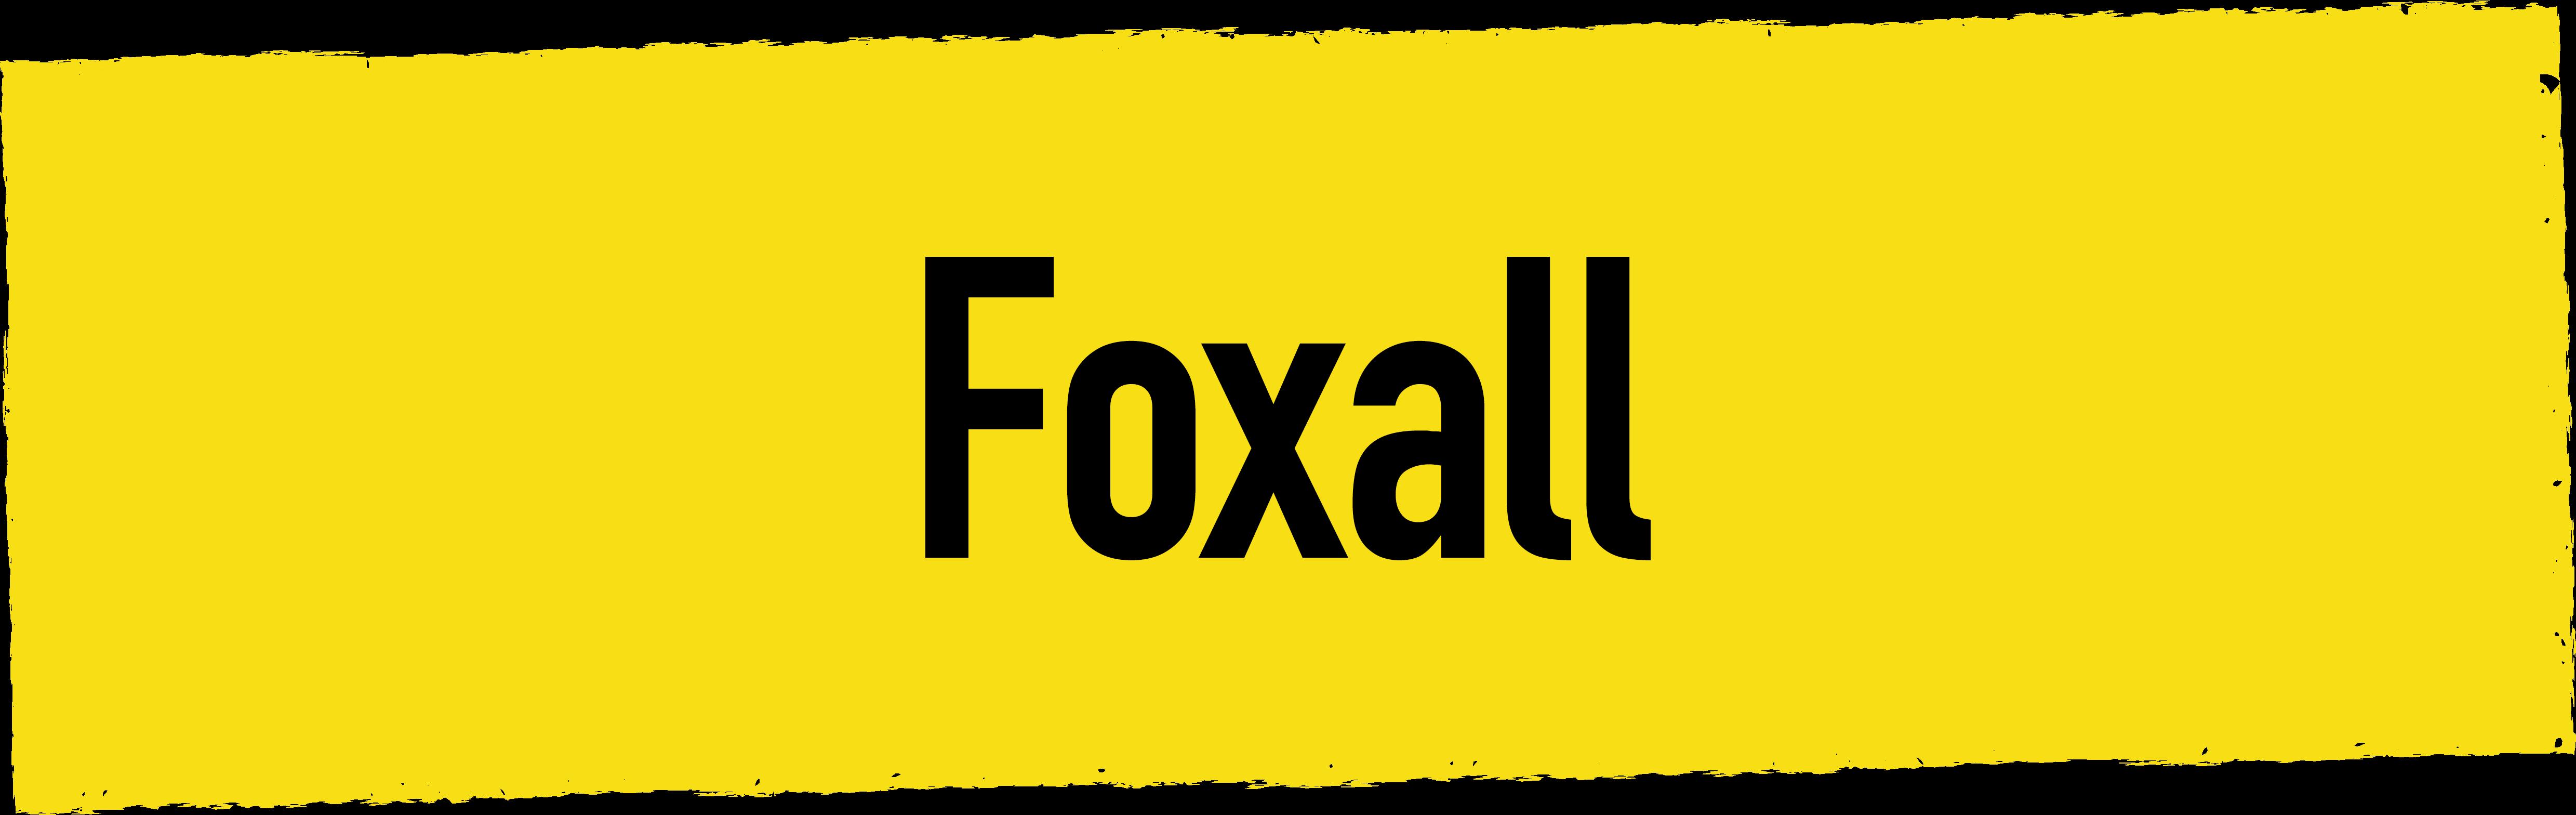 Foxall